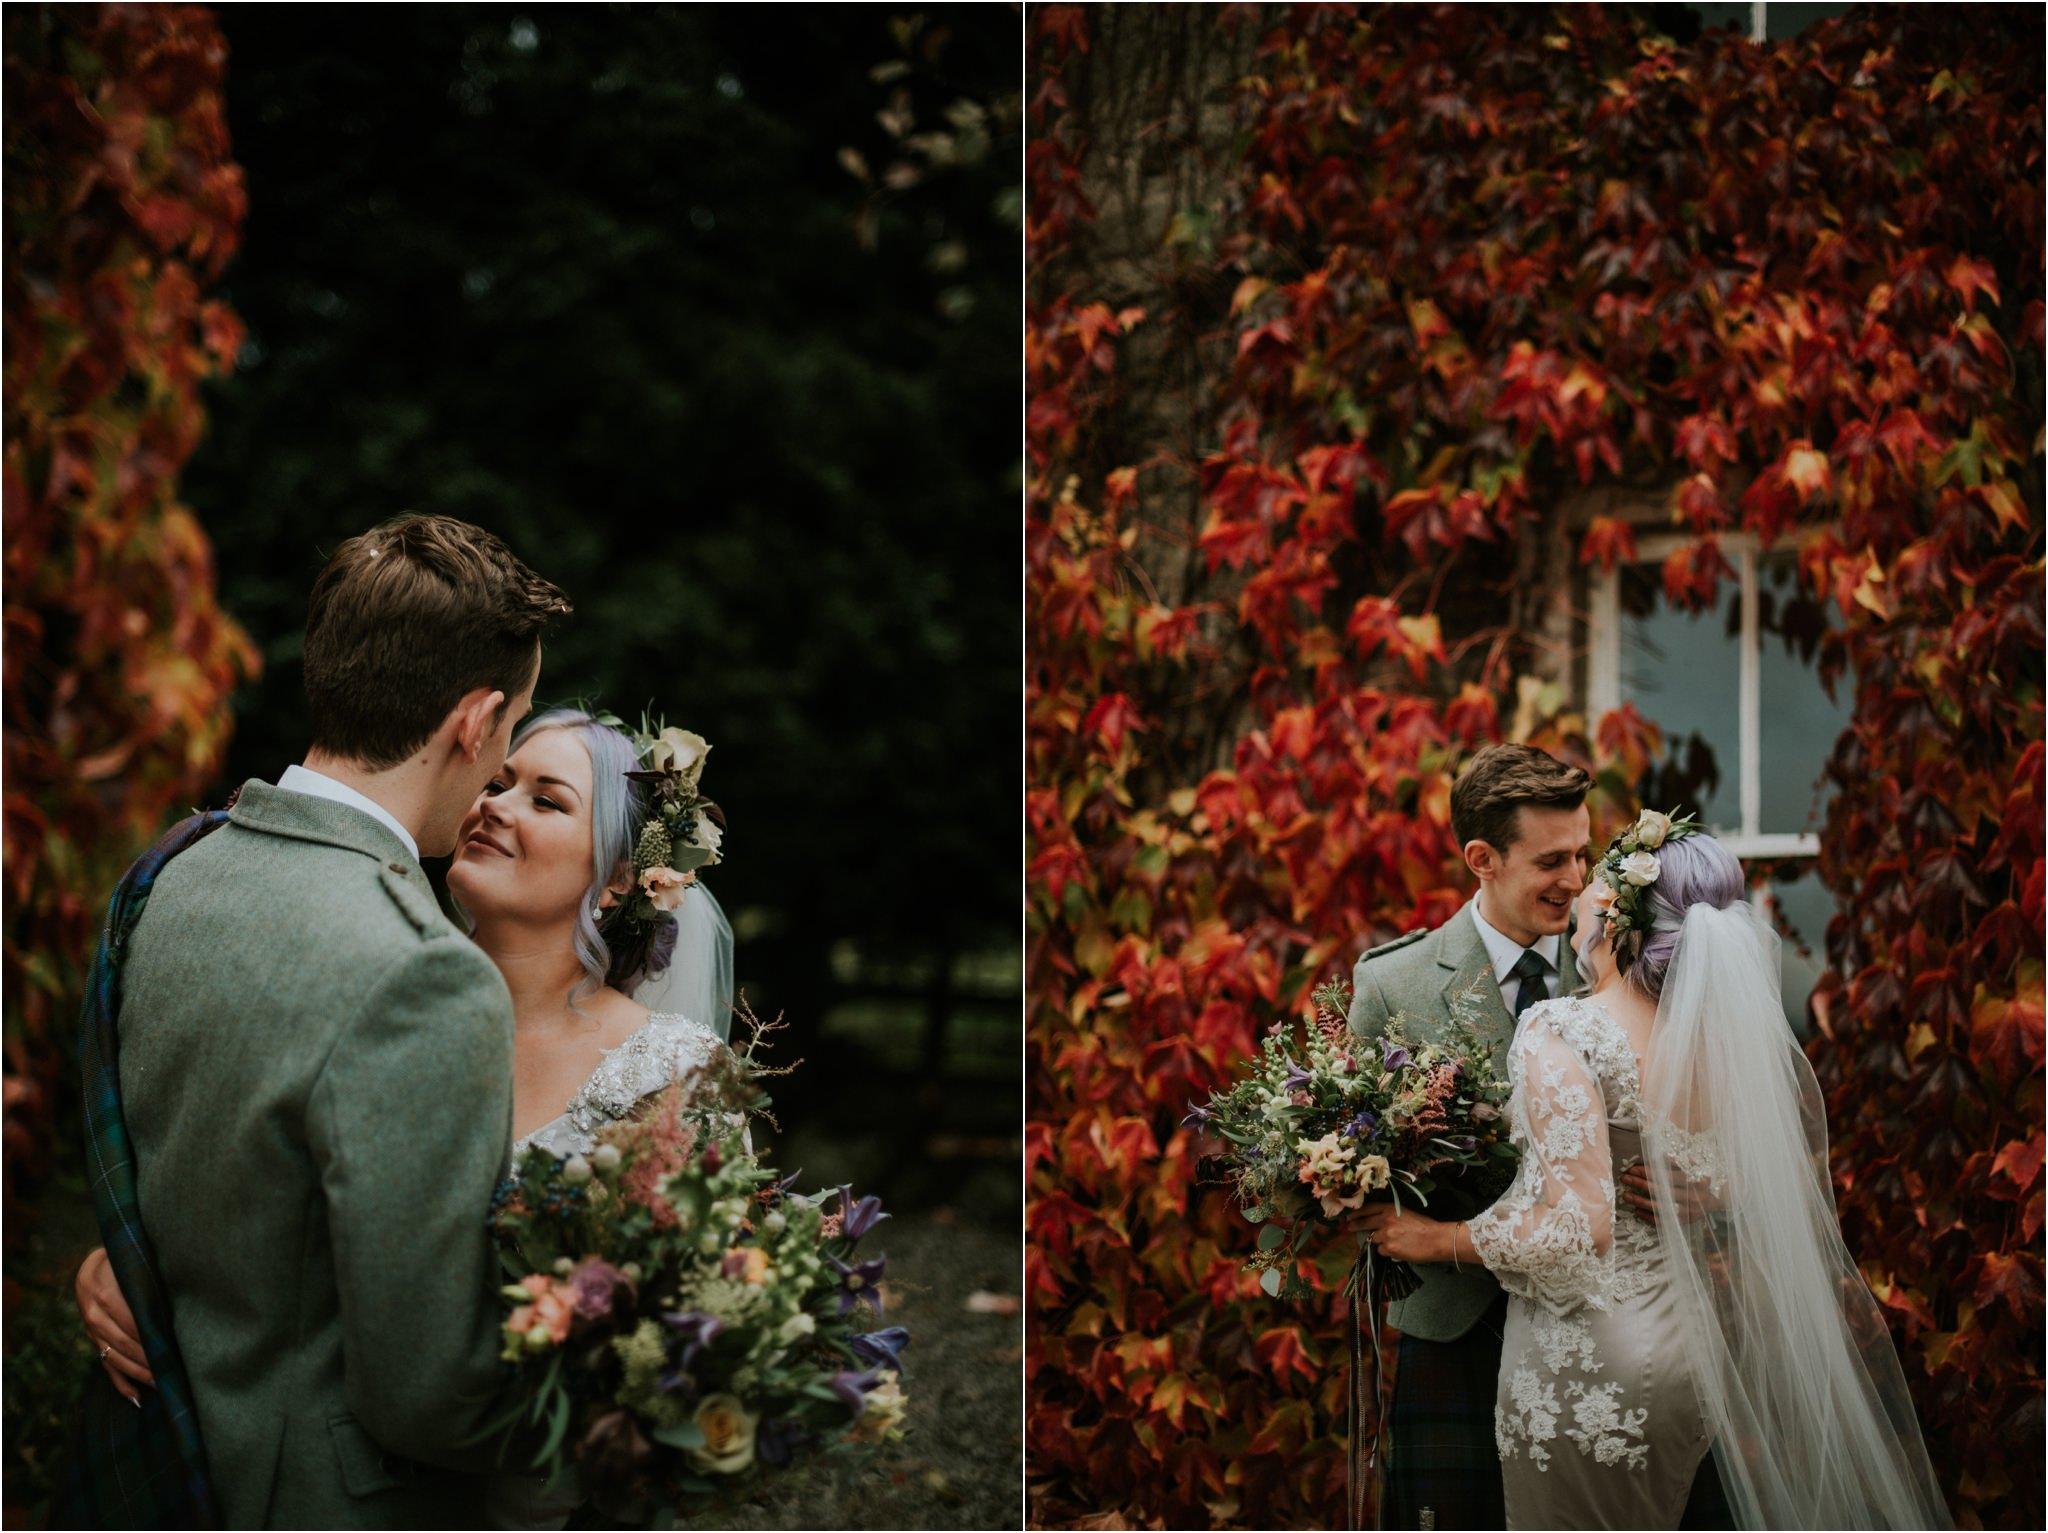 Photography 78 - Glasgow Wedding Photographer - Pete & Eilidh - Dalduff Farm_0048.jpg